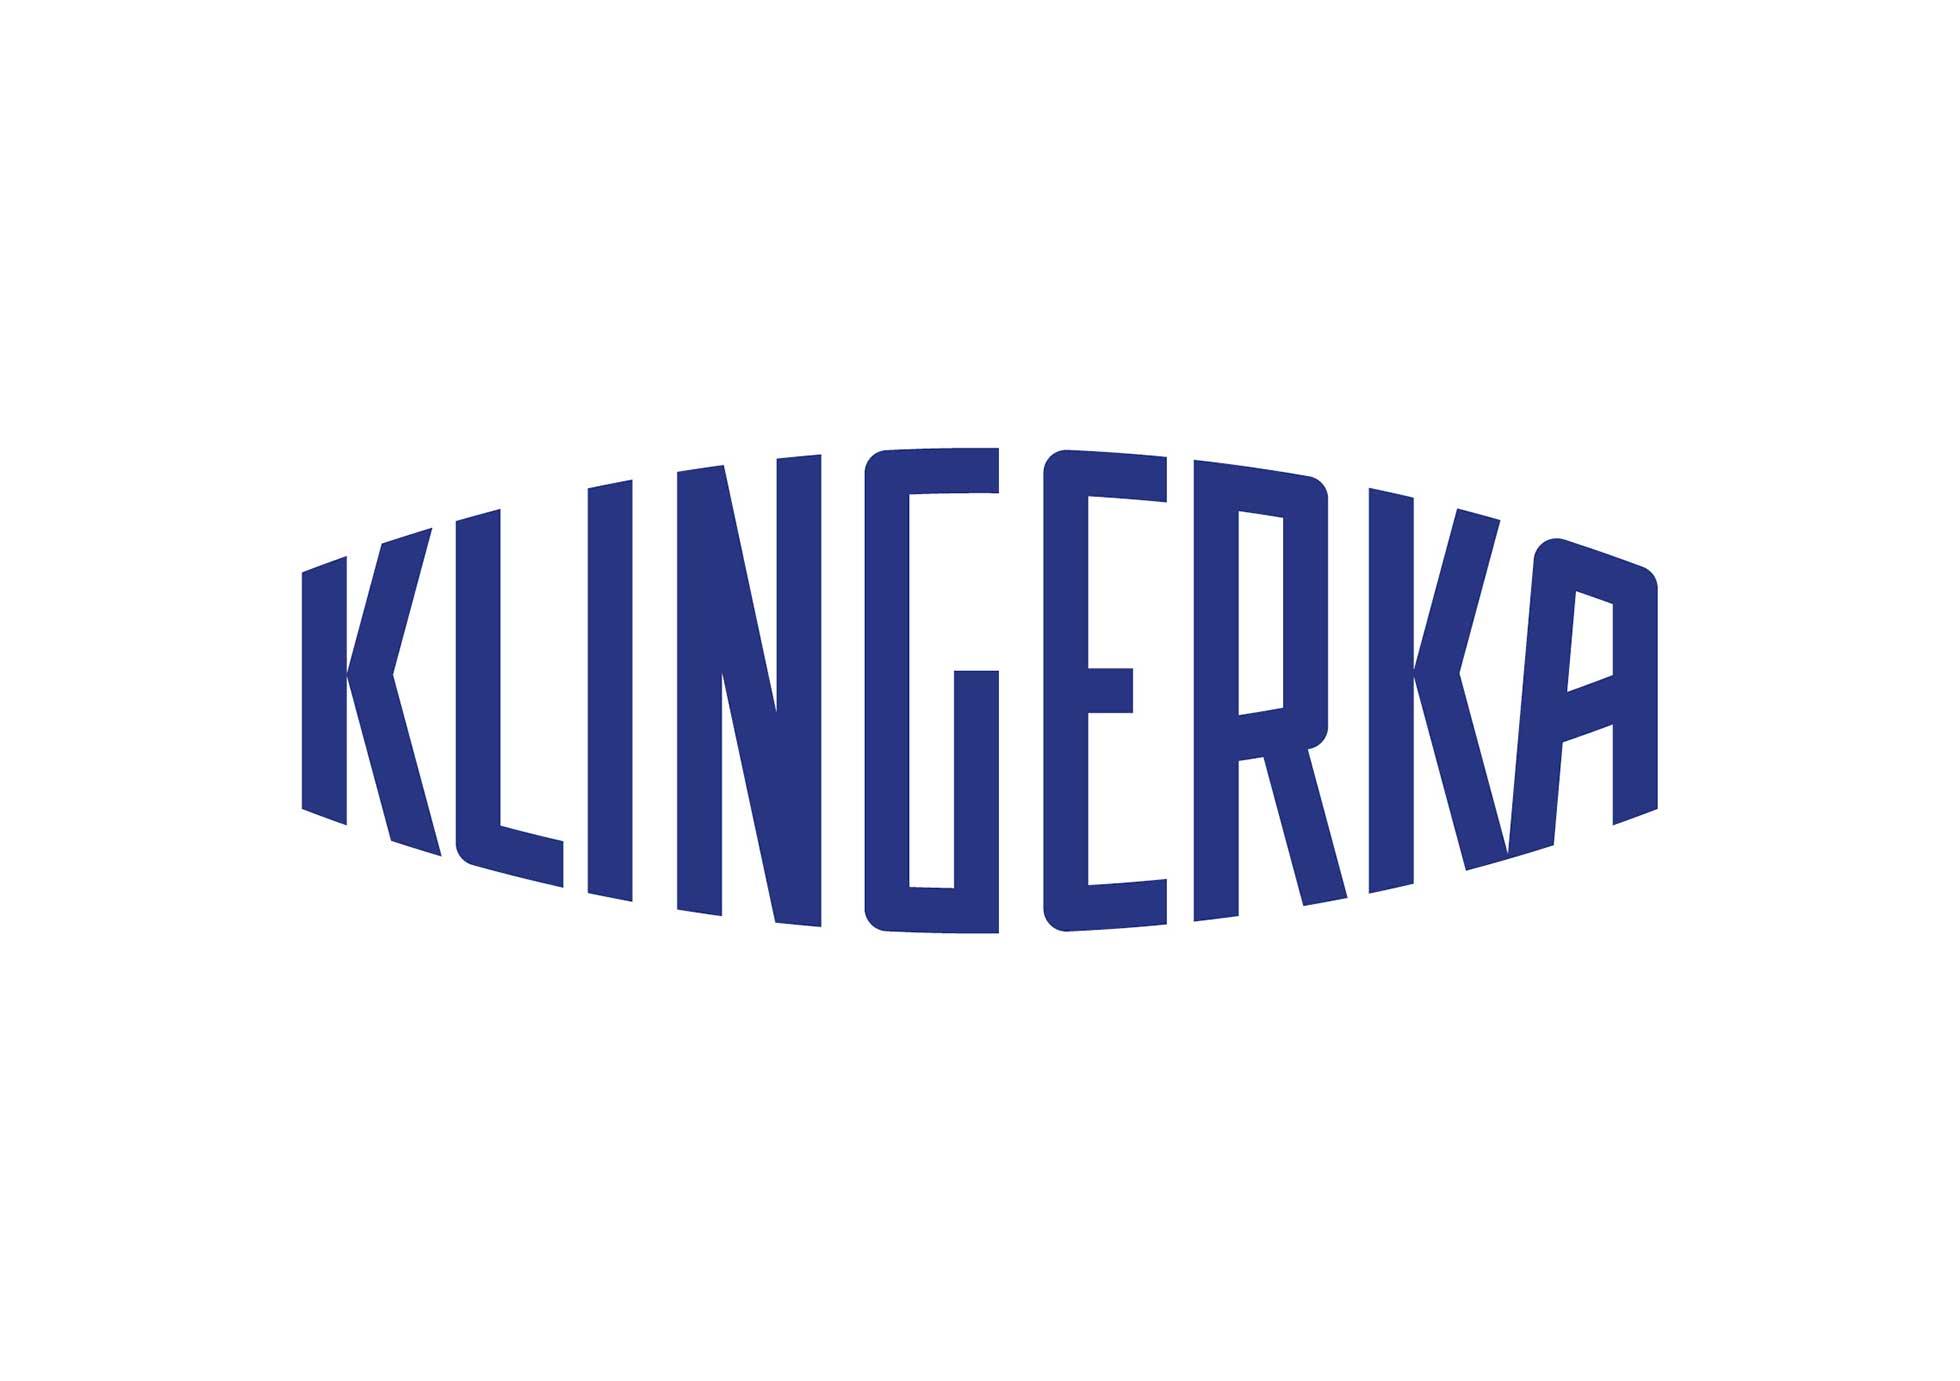 Klingerka logo